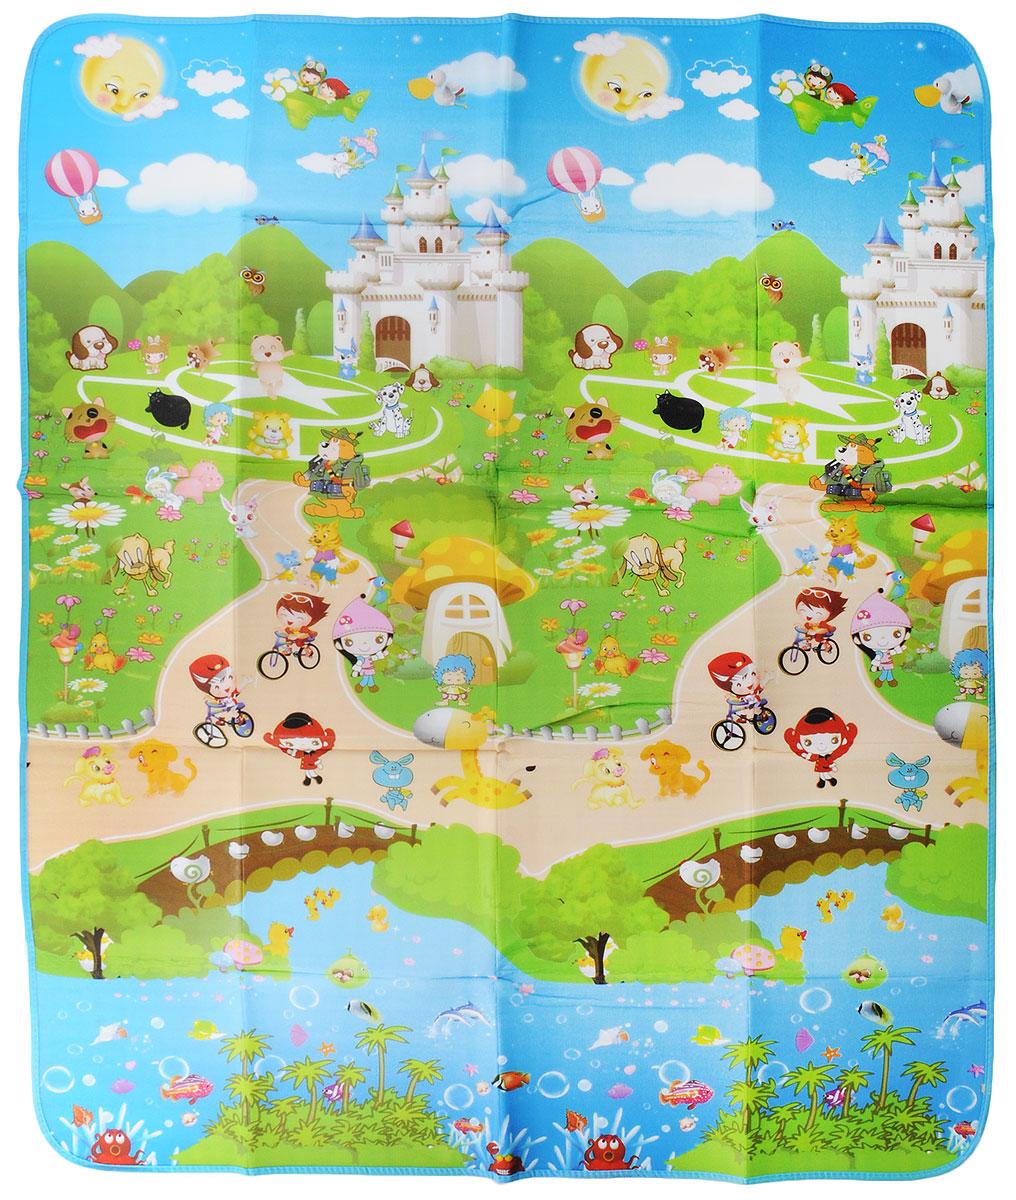 Коврик детский для пикника Wildman  Аниме , 150 х 180 см. 81-390 - Подушки, пледы, коврики